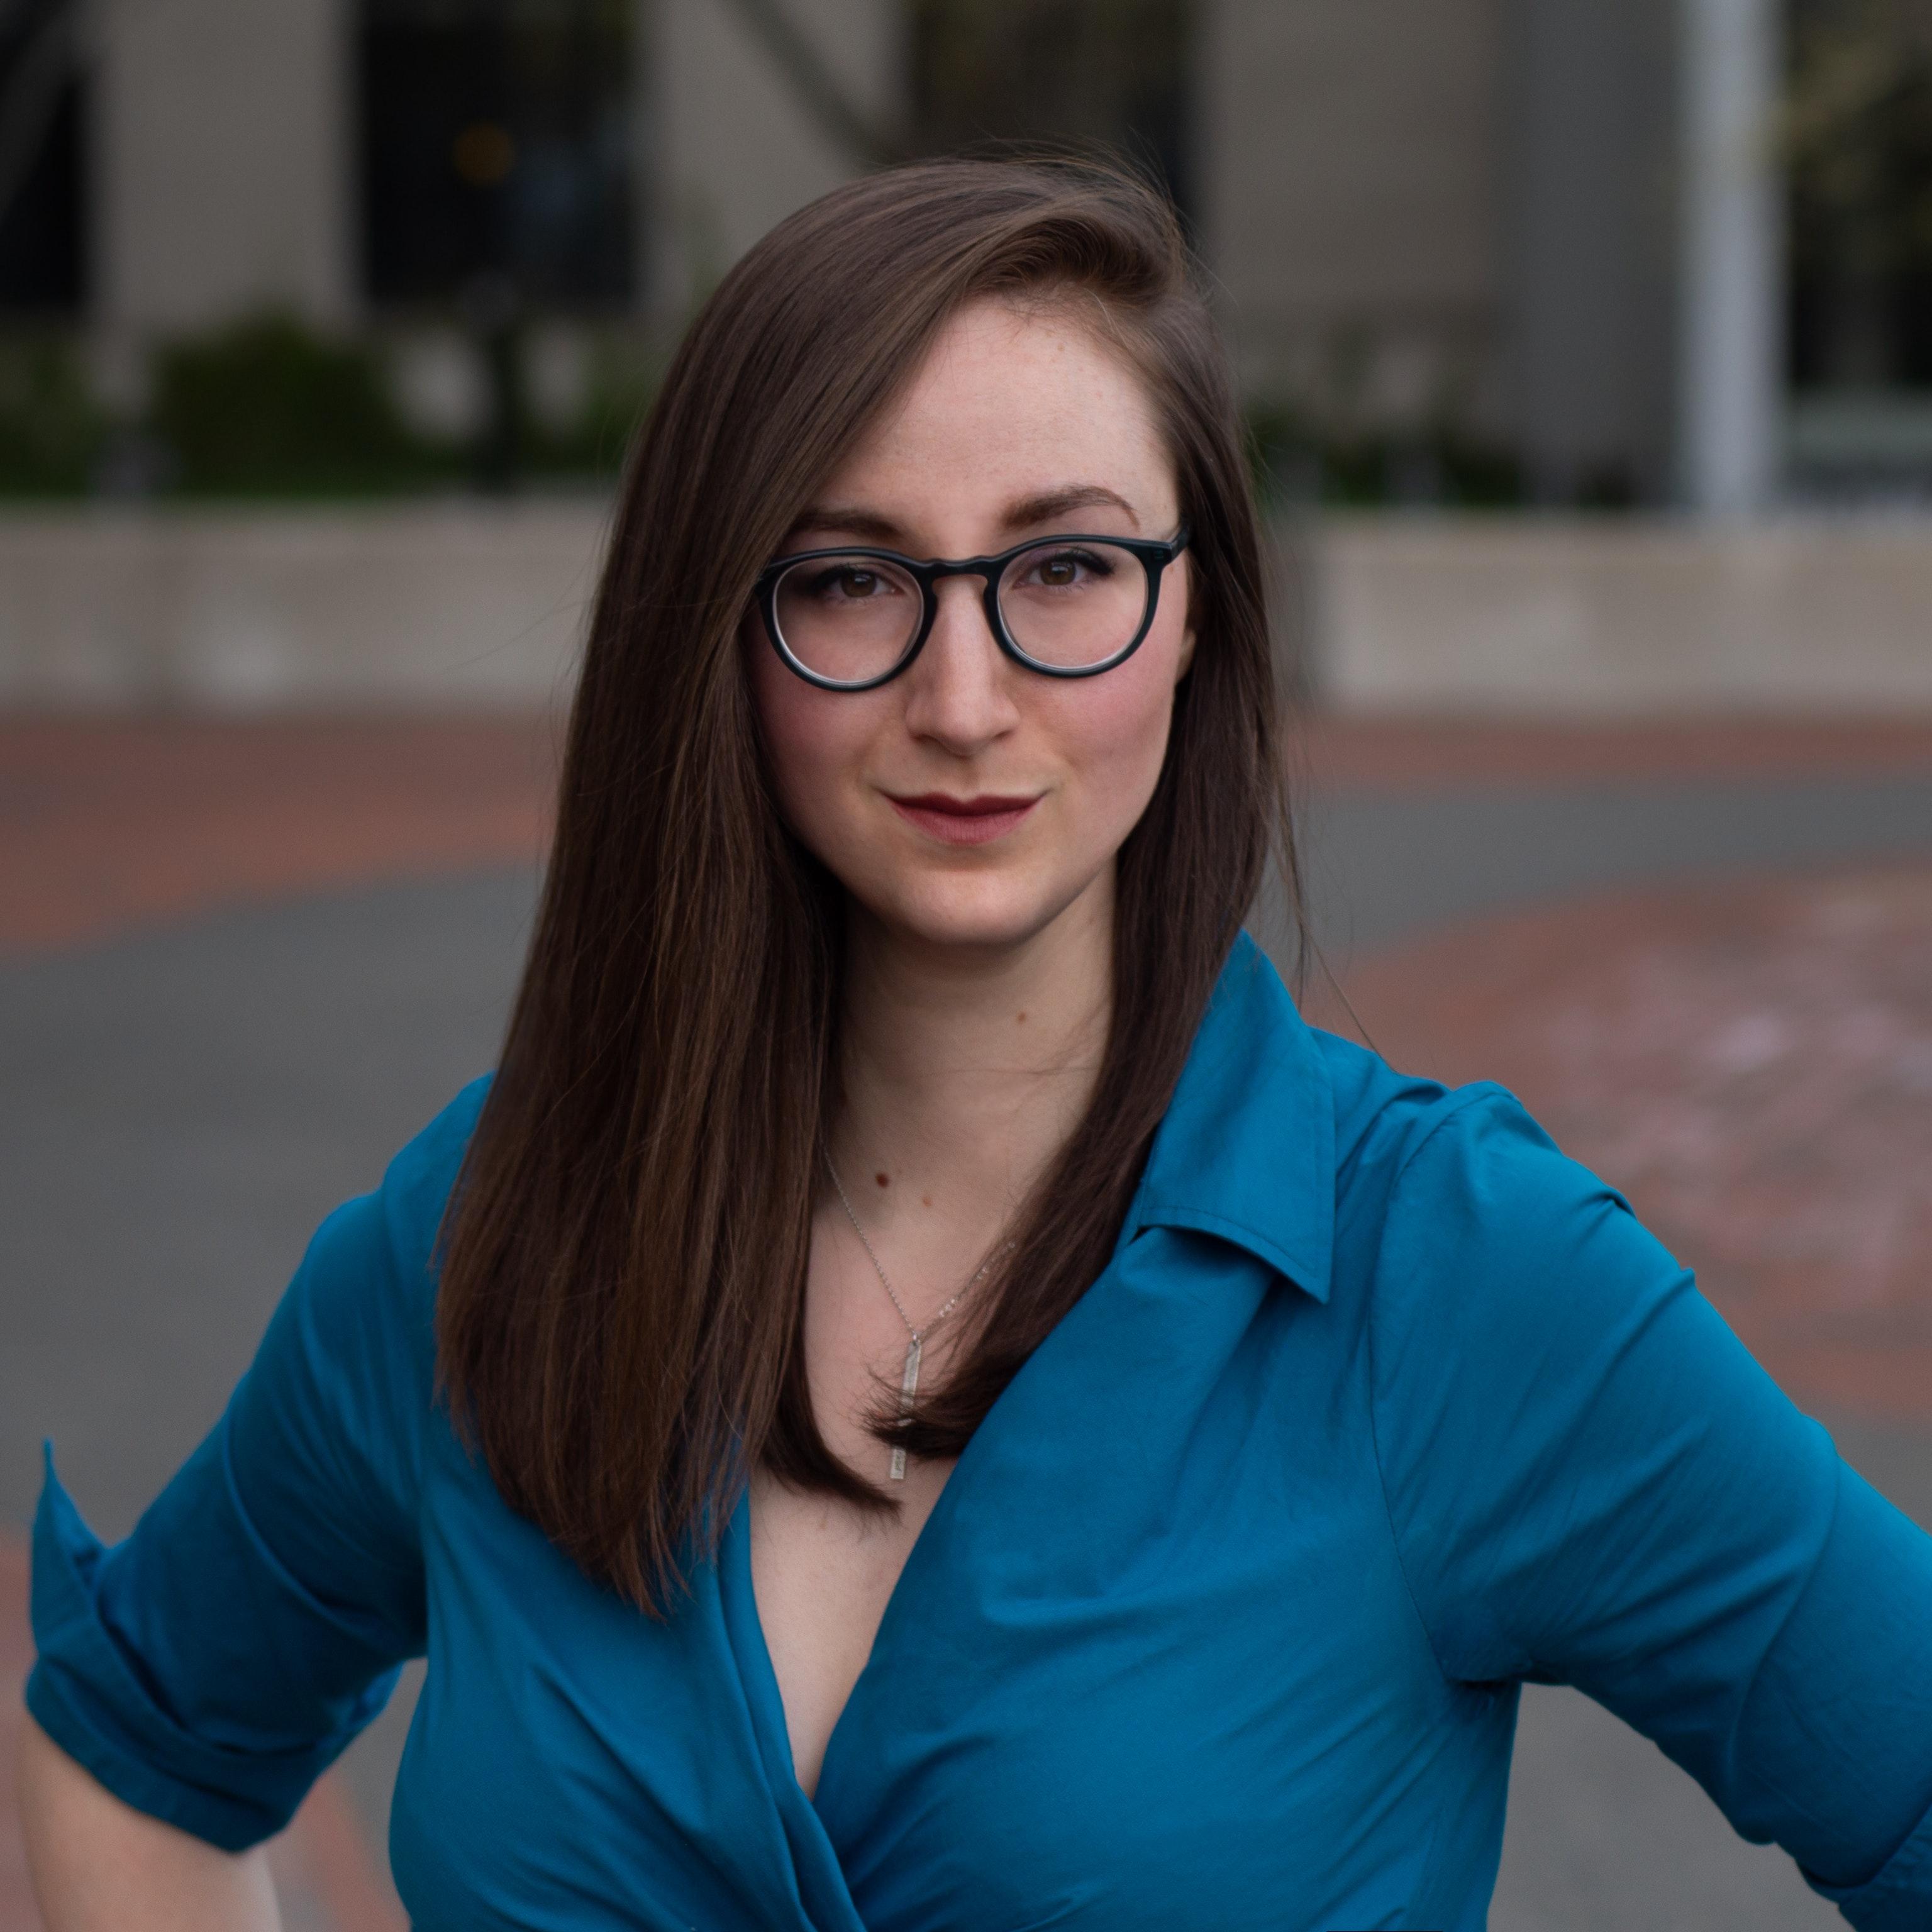 Headshot of Tina Tallon